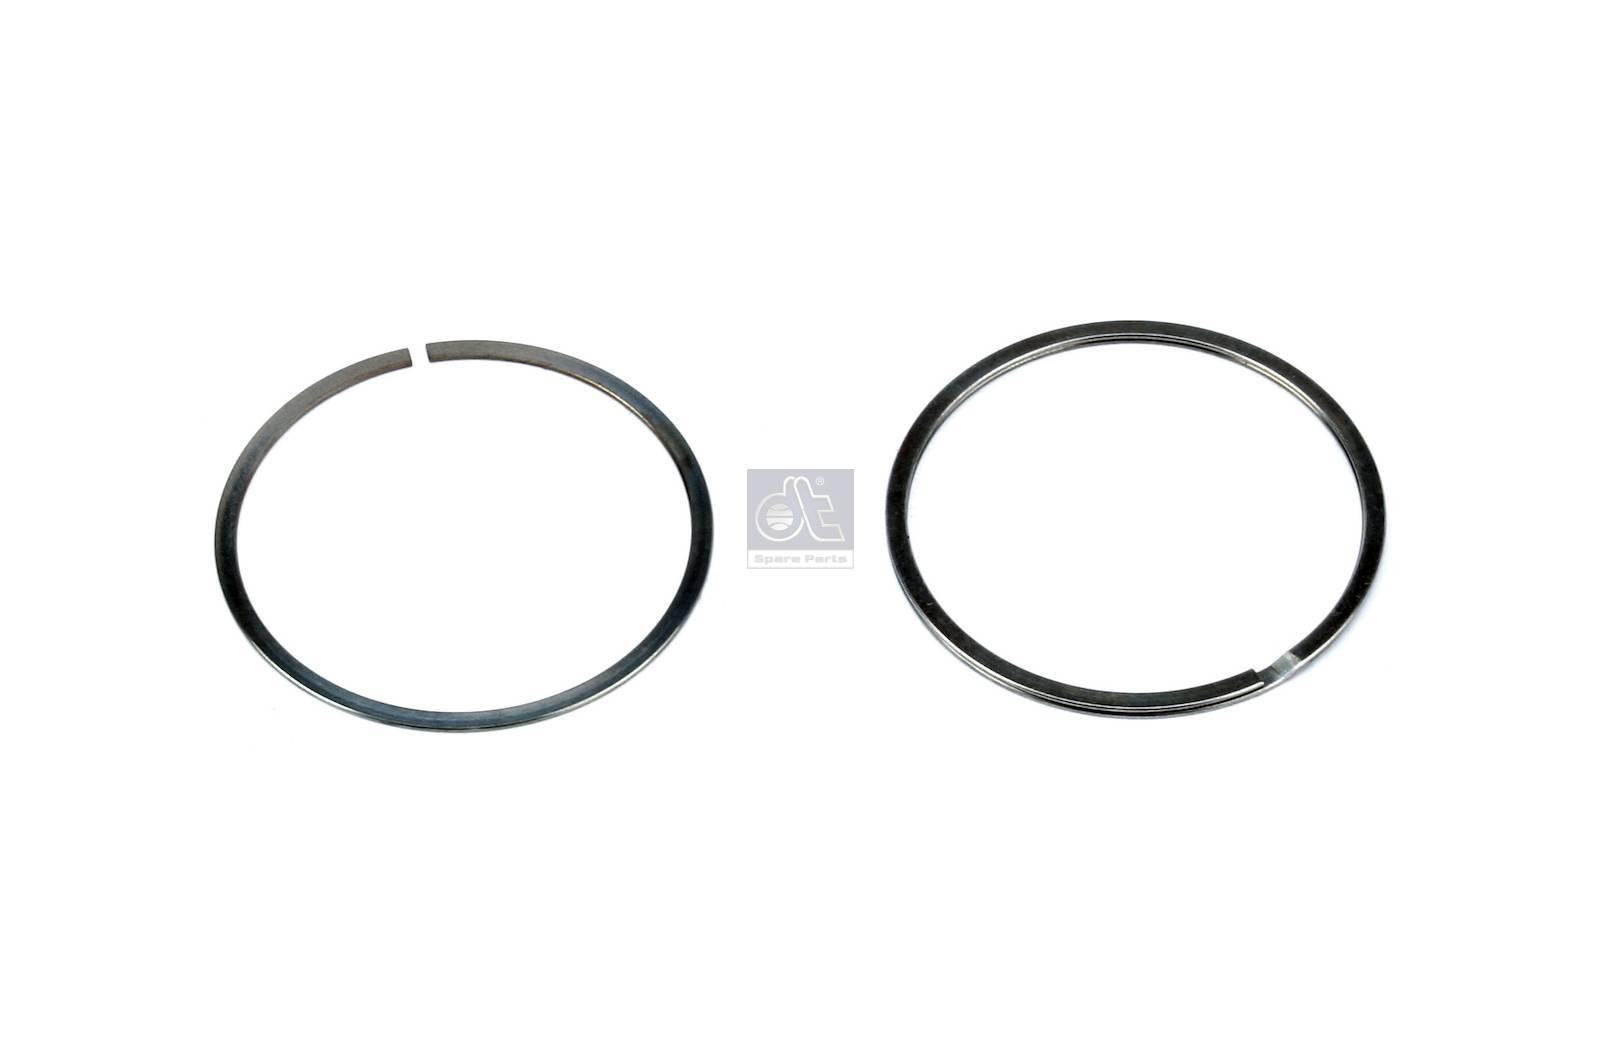 Seal ring kit, exhaust manifold